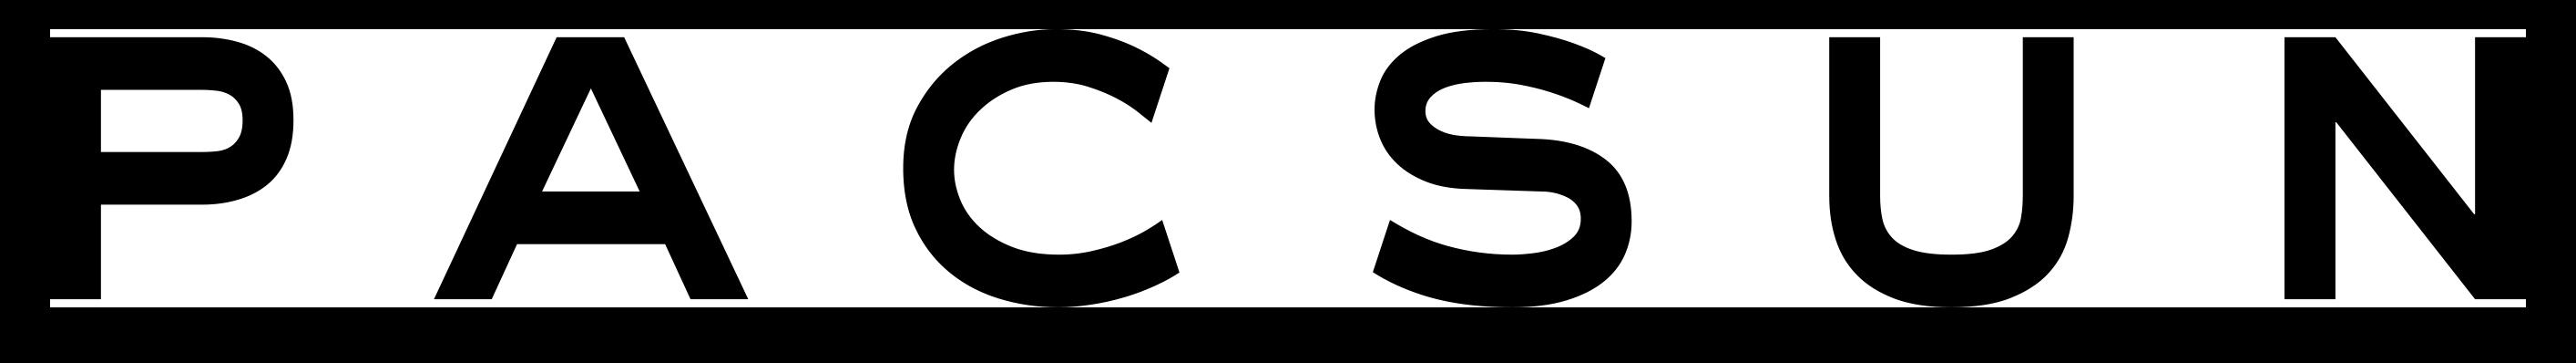 pacsun-logo-black